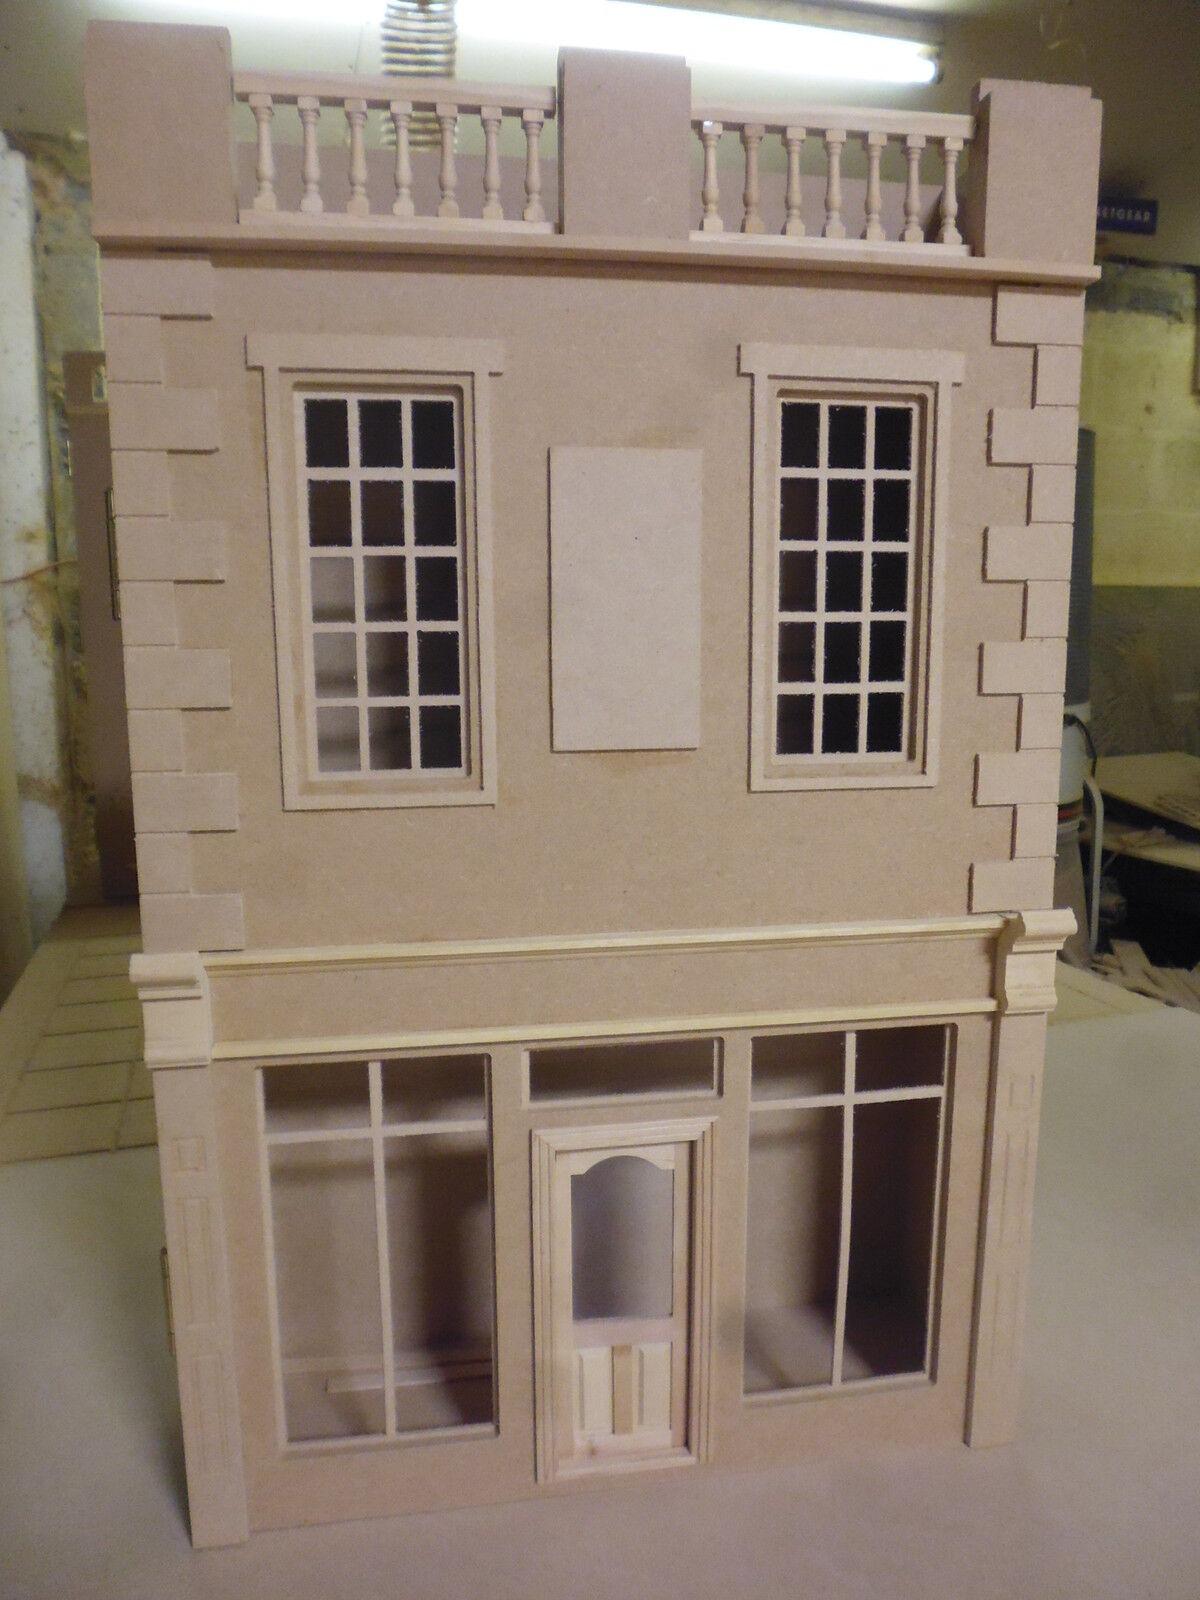 Maison Maison Maison de poupées 12th échelle le malbury Shop Kit par Dhd 11eda6